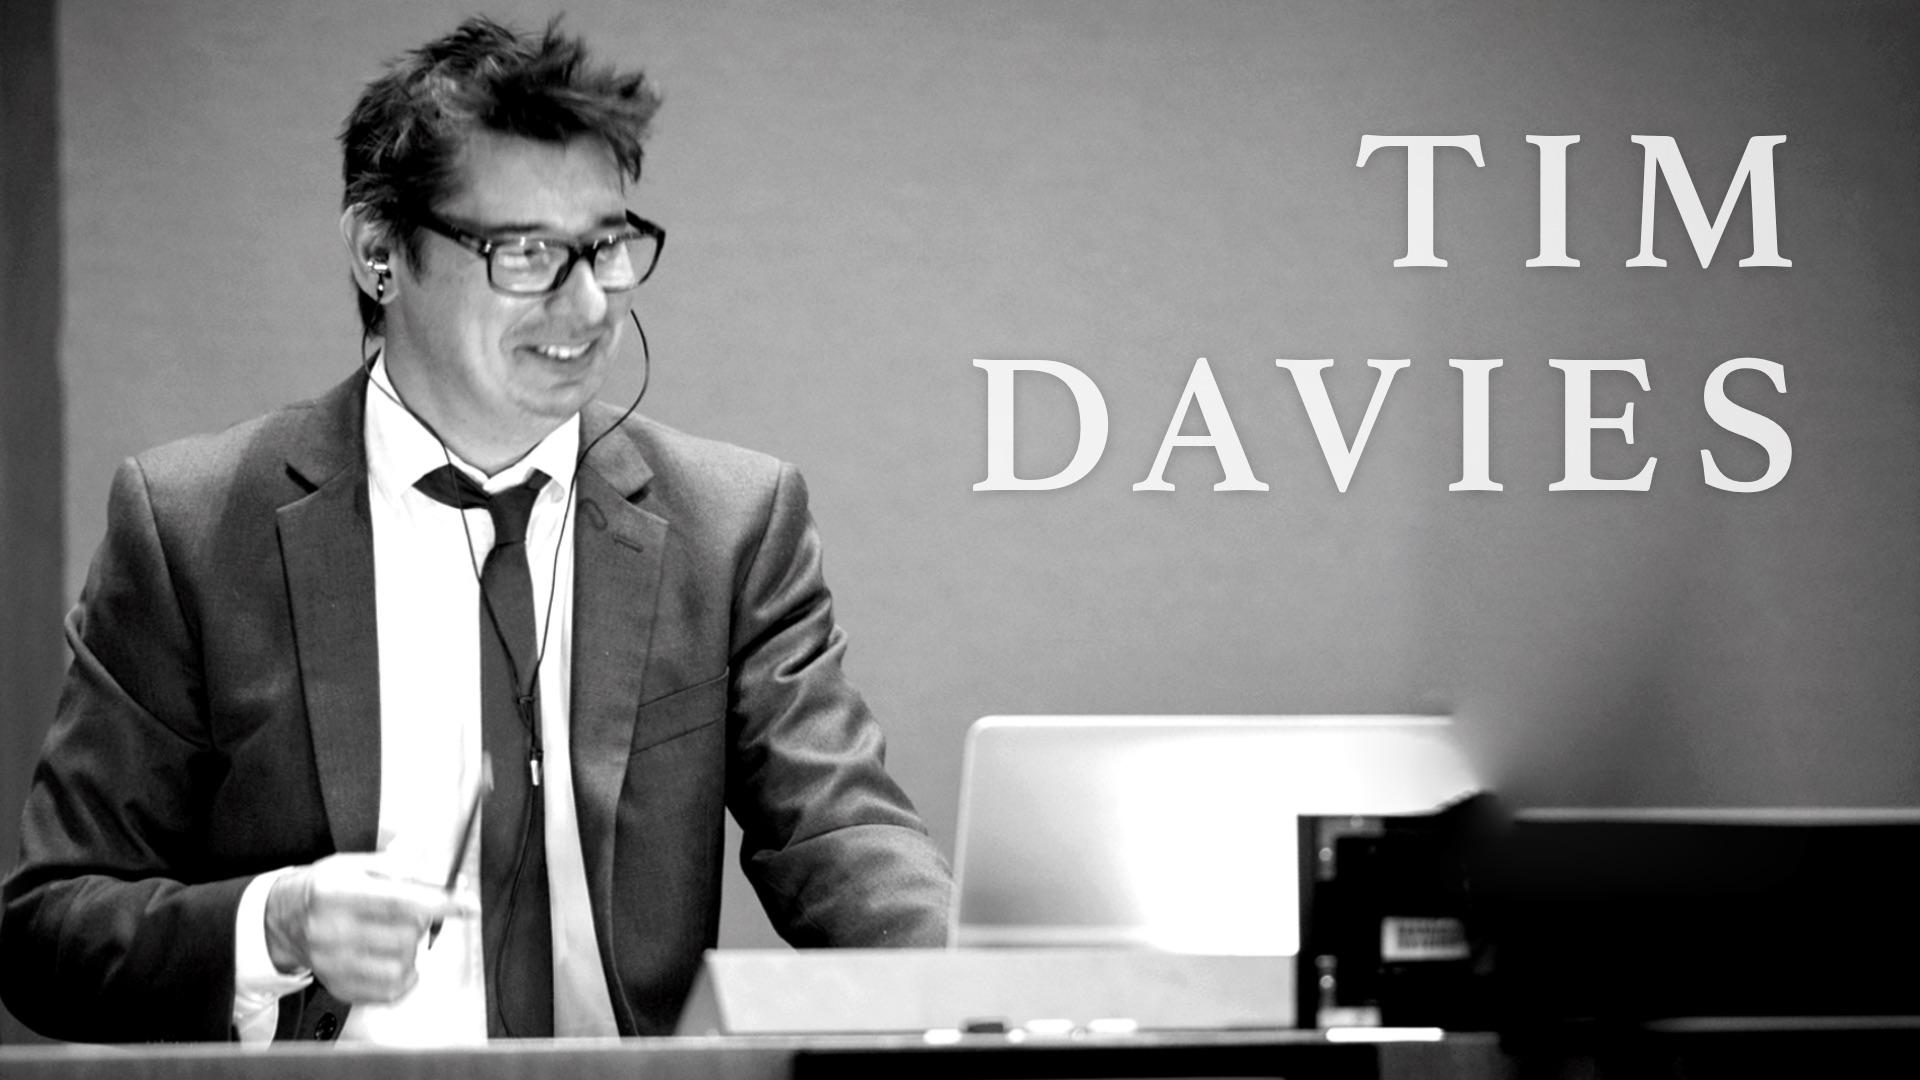 Tim Davies Ravel YT Thumbnail - TD ONLY